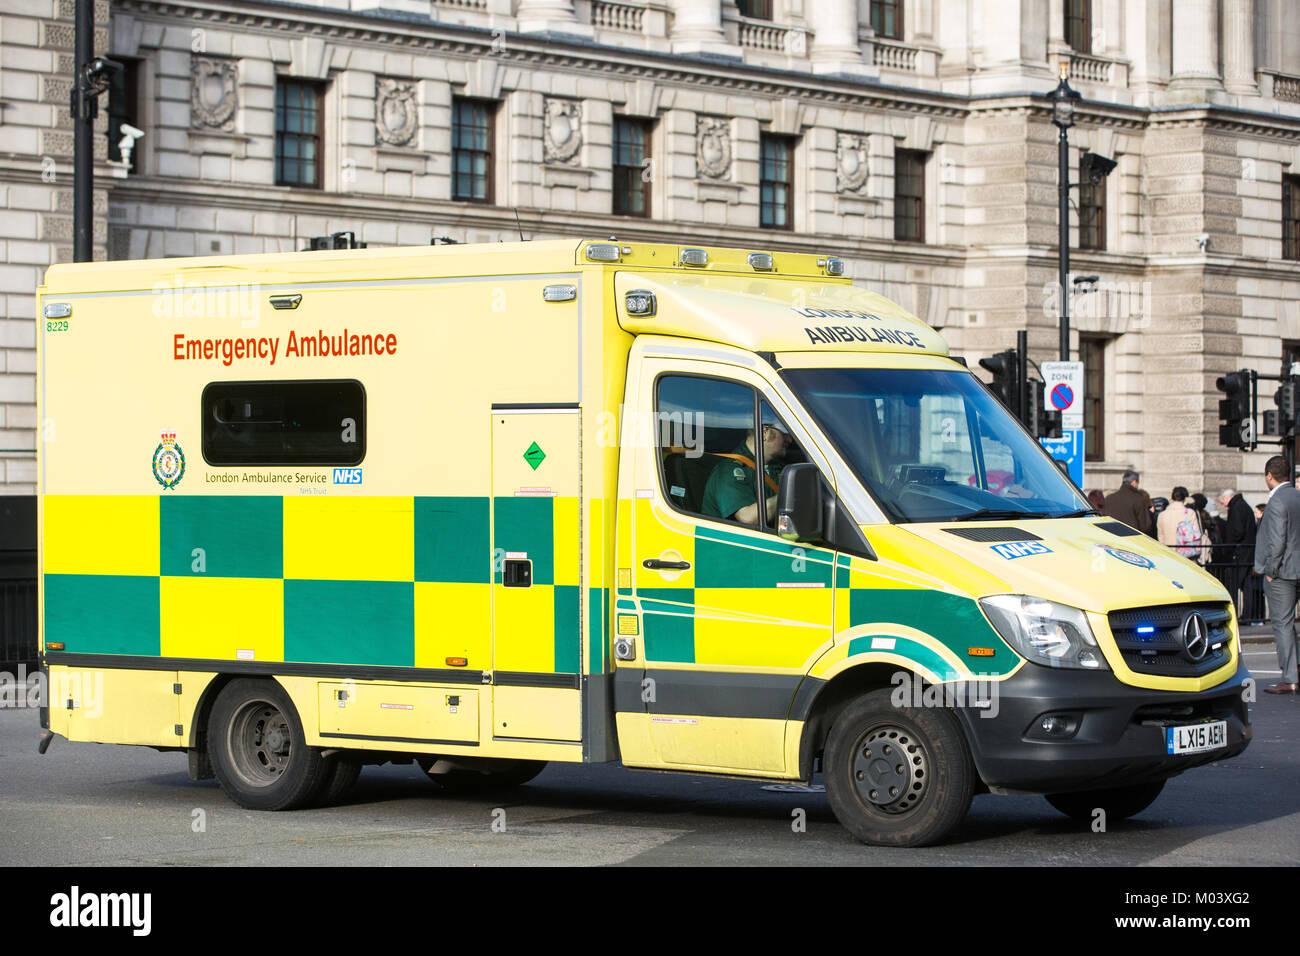 Mercedes Ambulance Stock Photos & Mercedes Ambulance Stock